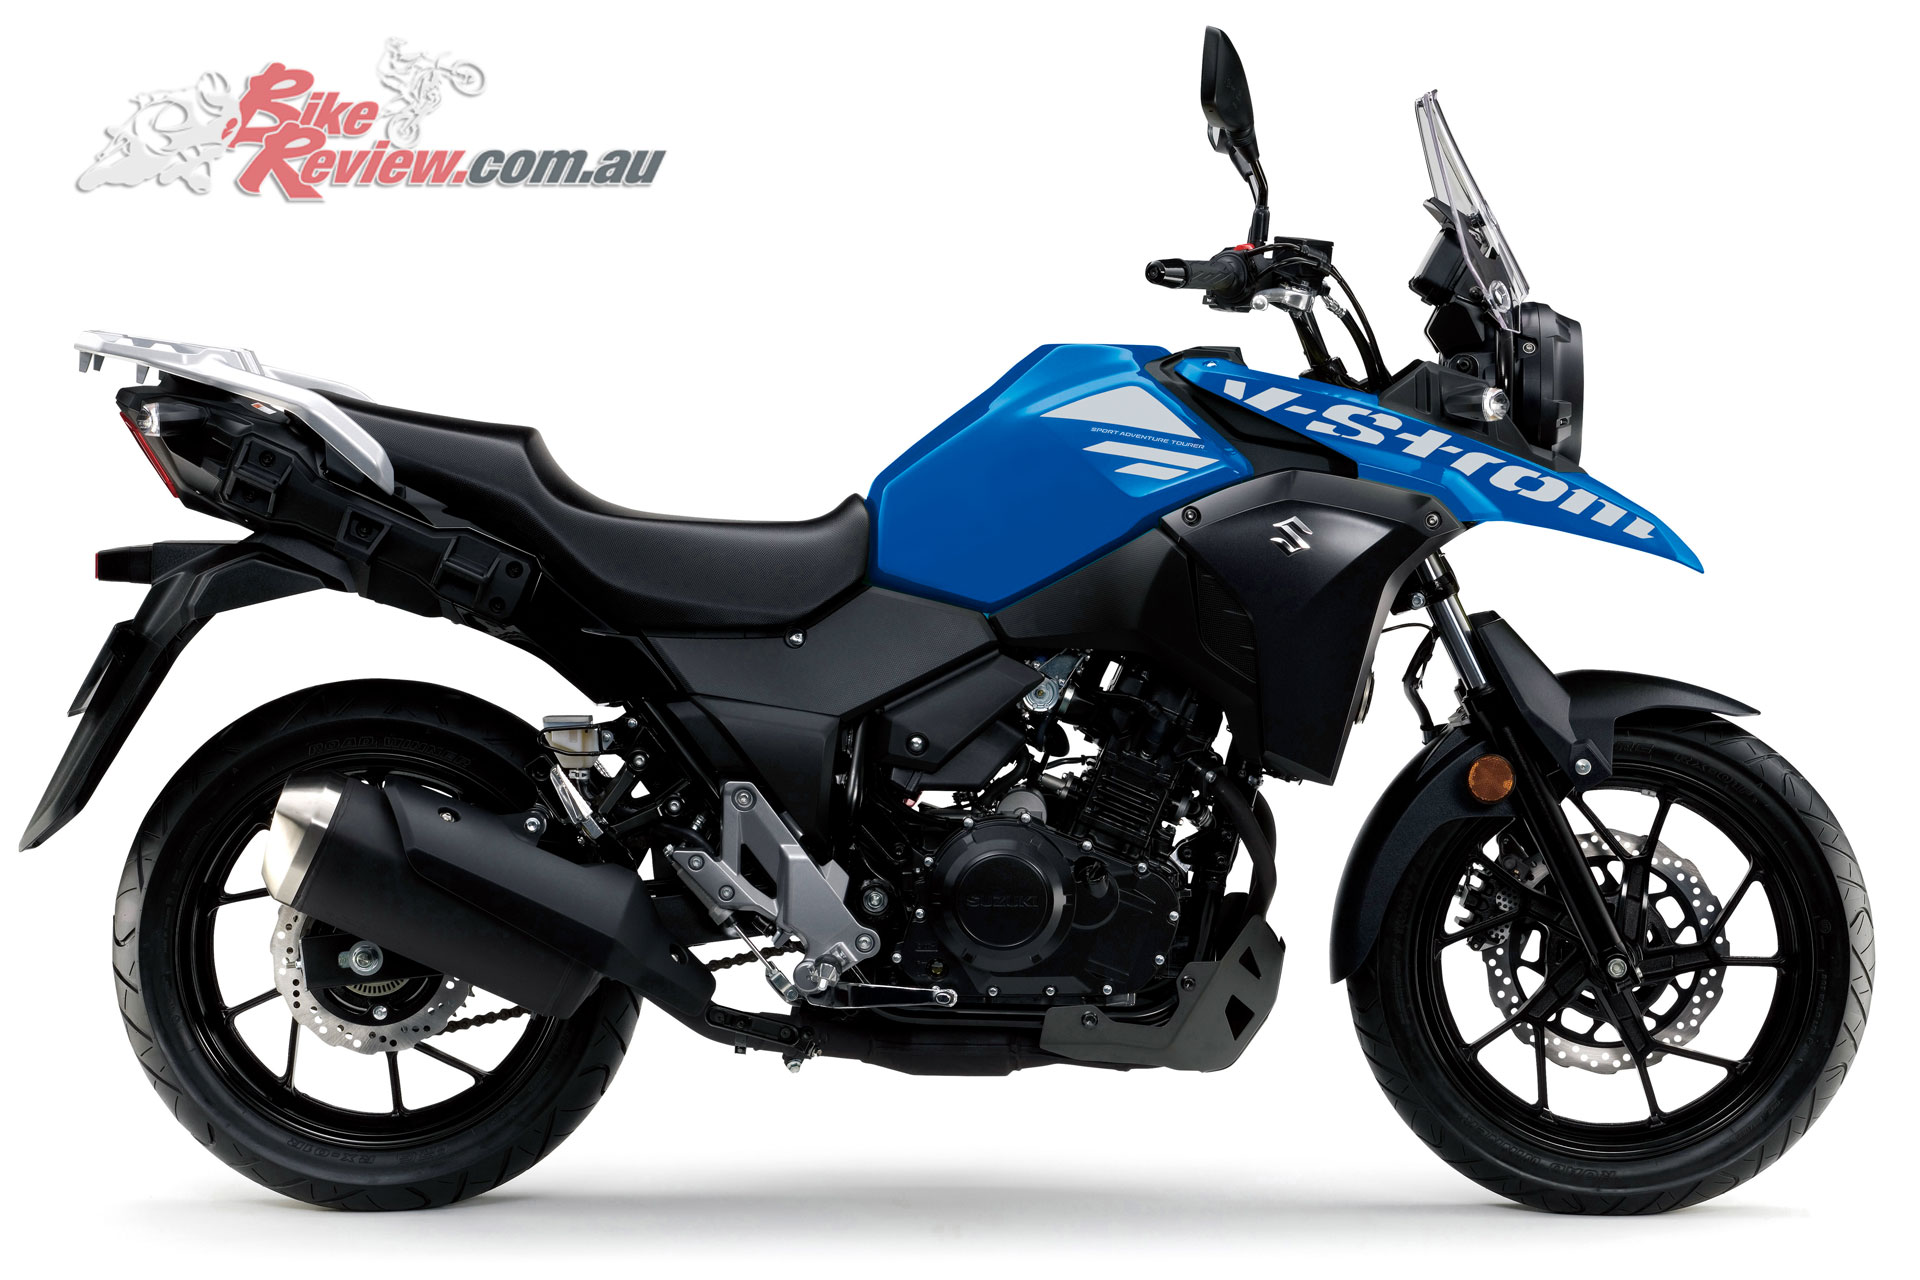 2019 Suzuki V-Strom 250 ABS